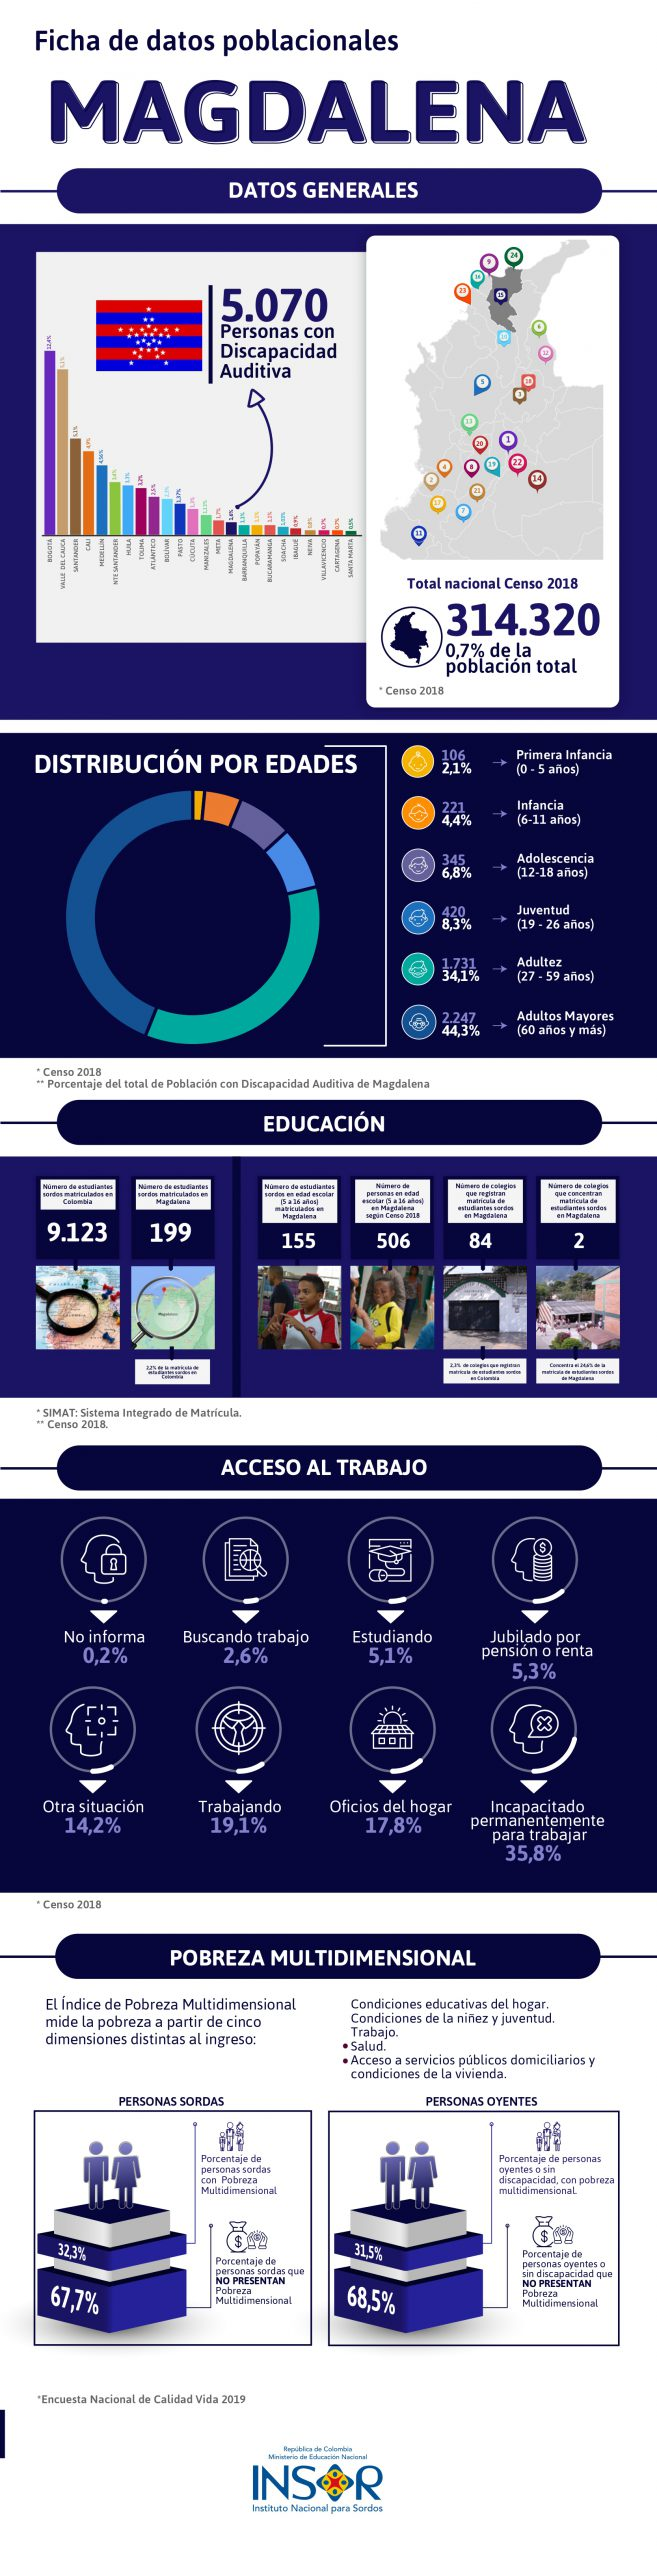 Datos poblacionales comunidad sorda del departamento de Magdalena